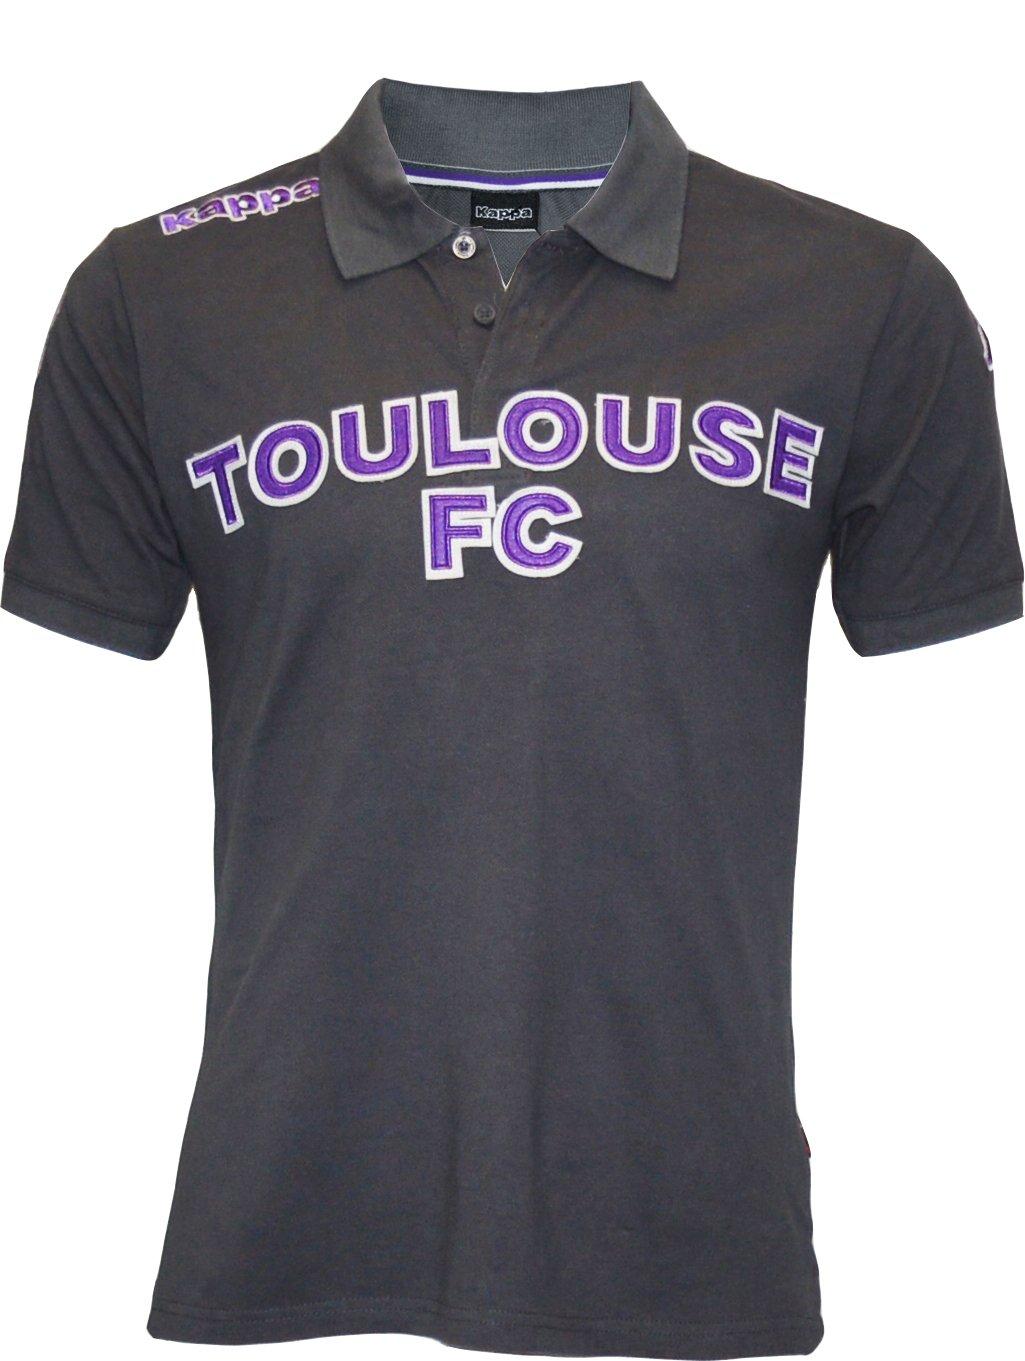 Polo Toulouse FC–Offizielle Kollektion TFC–Erwachsenengröße, für Herren für Herren